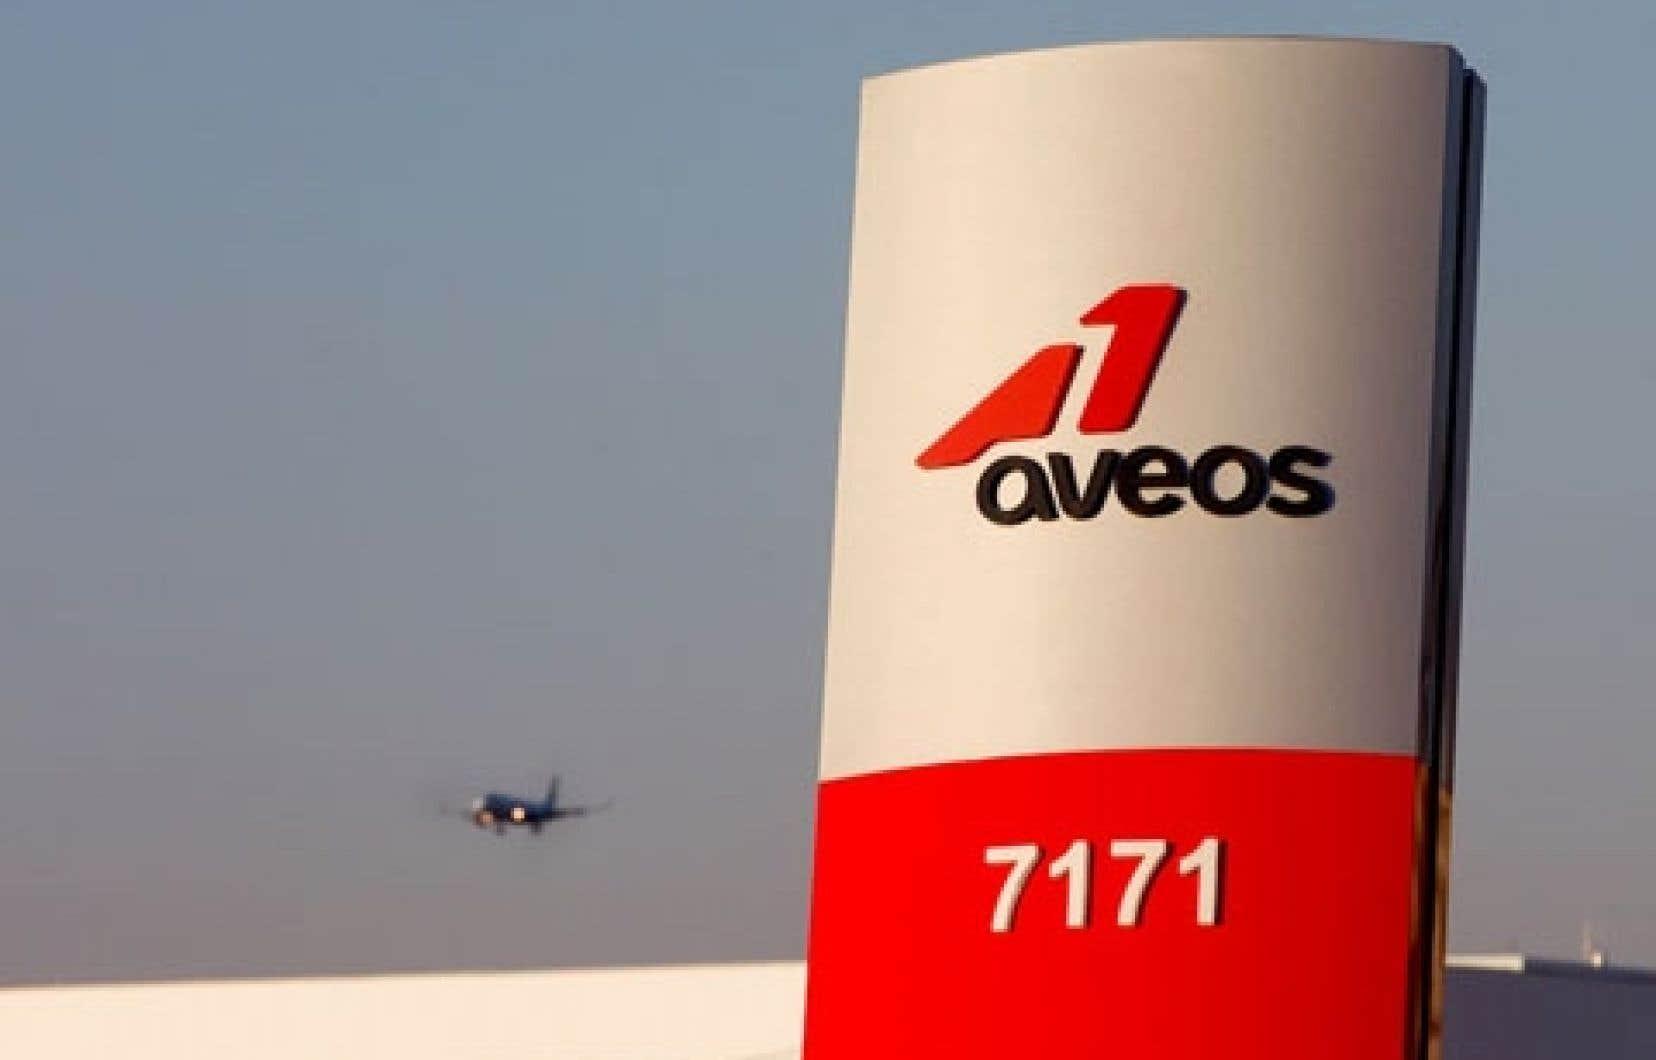 Aveos comptait 2600 employés, dont 1800 à Montréal.